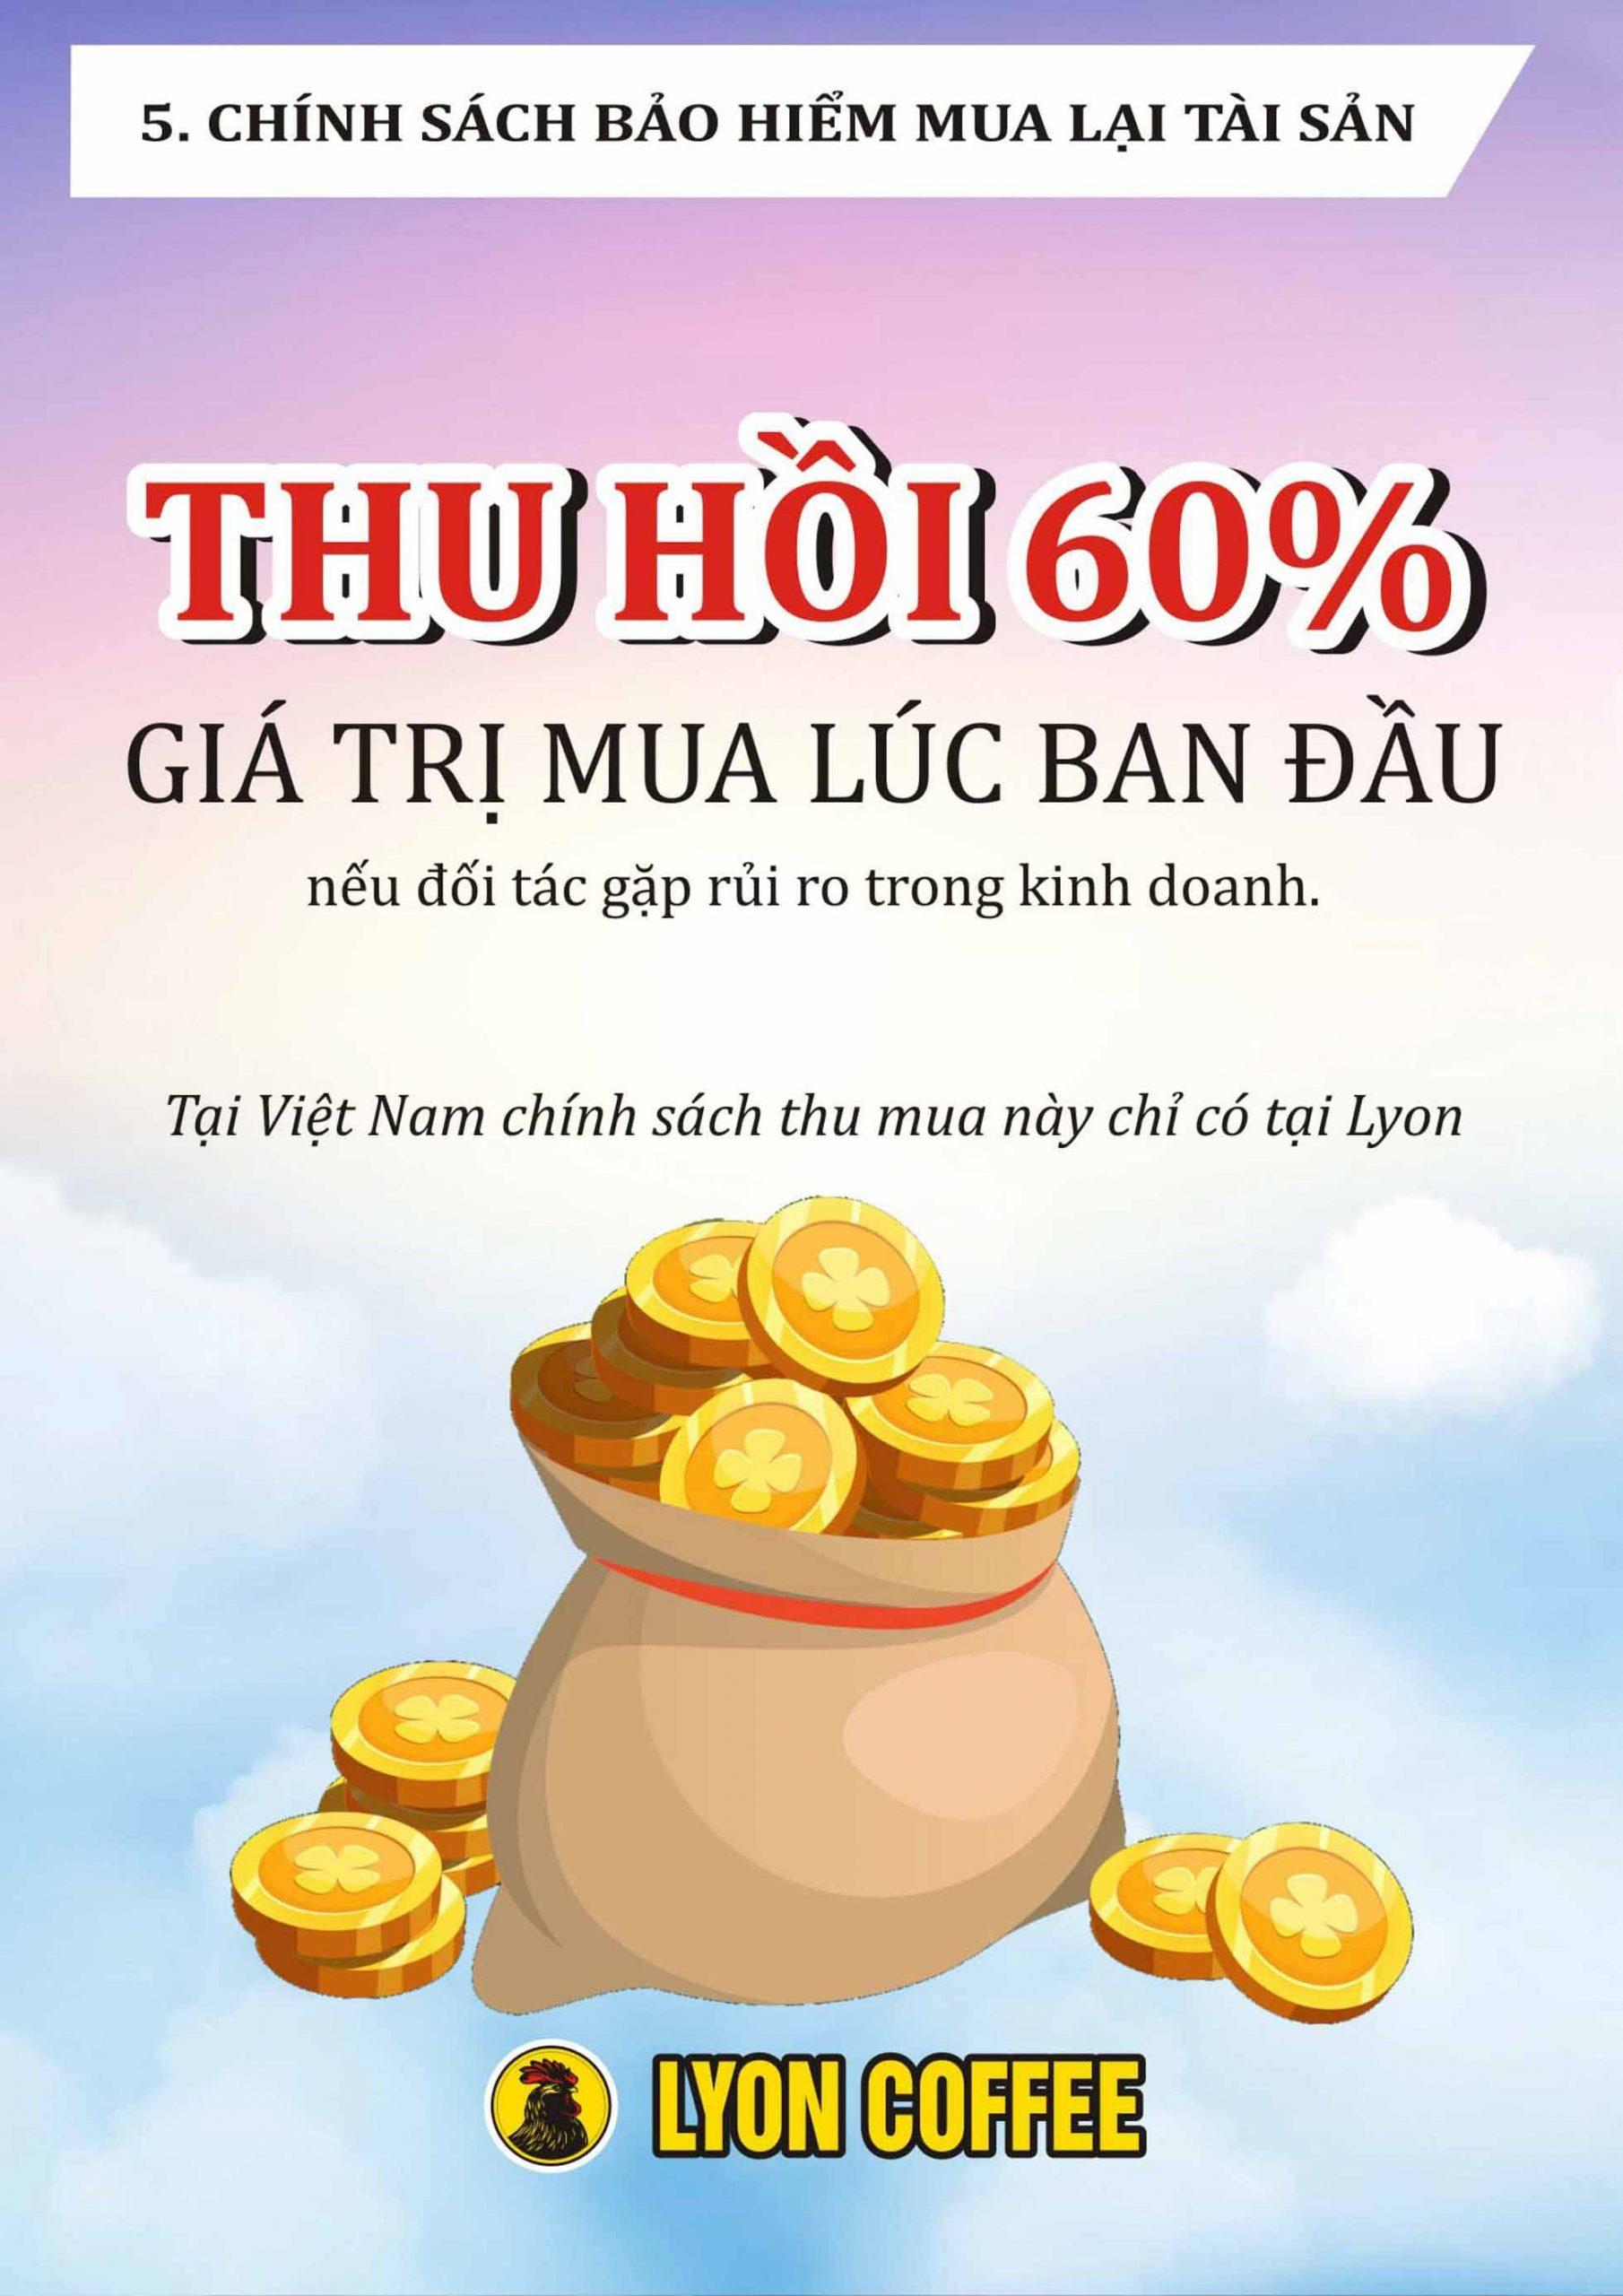 Tại Việt Nam, chính sách thu mua này chỉ có tại Lyon Coffee